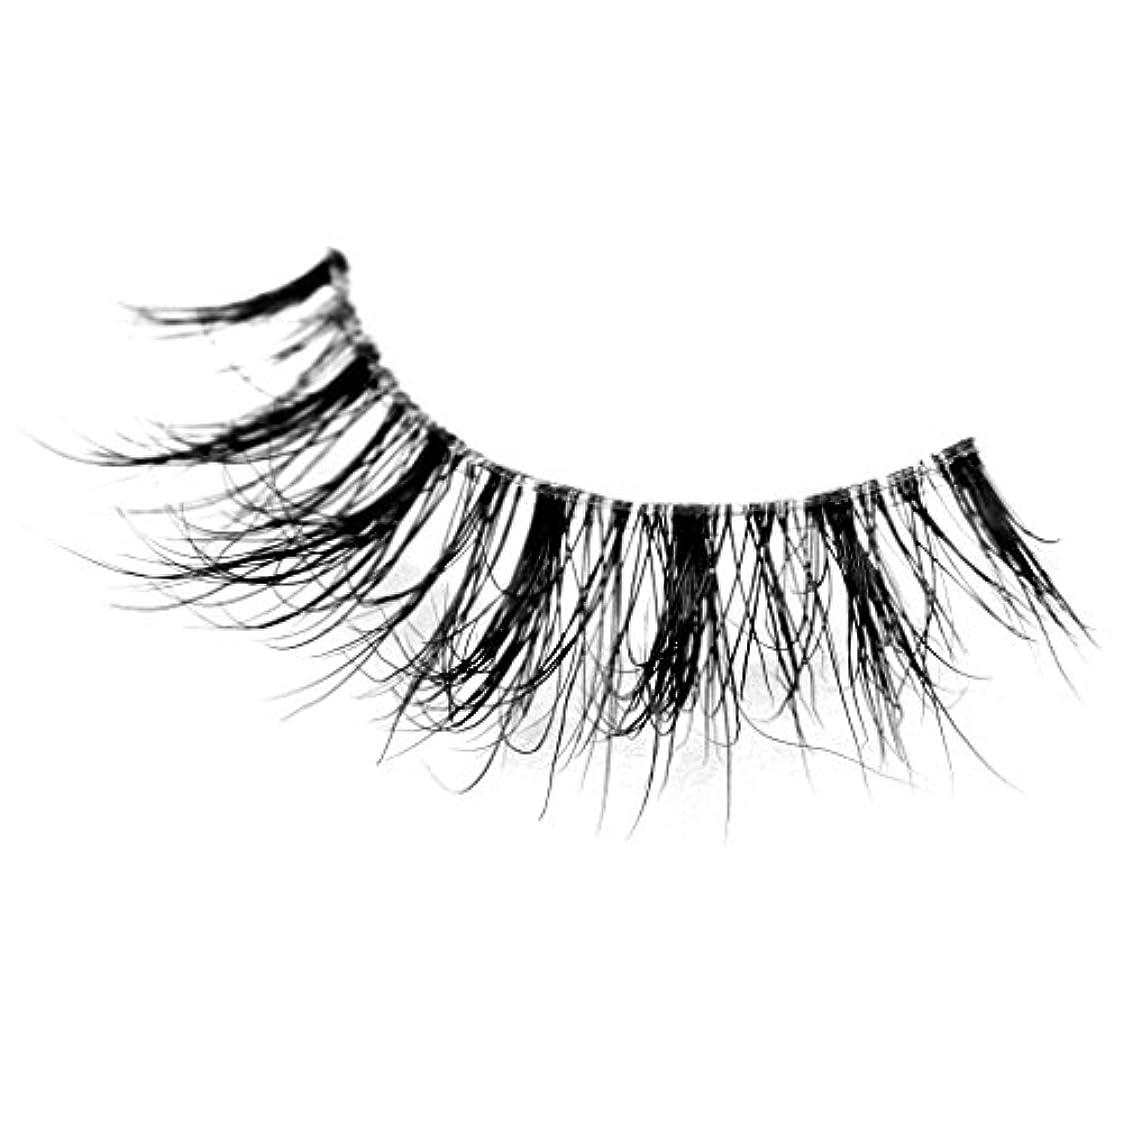 炎上暴露する動脈Musegetes Handmade 3D Mink False Eyelashes Natural for Makeup, Reusable with Clear Invisible Flexible Band 1 Pair...